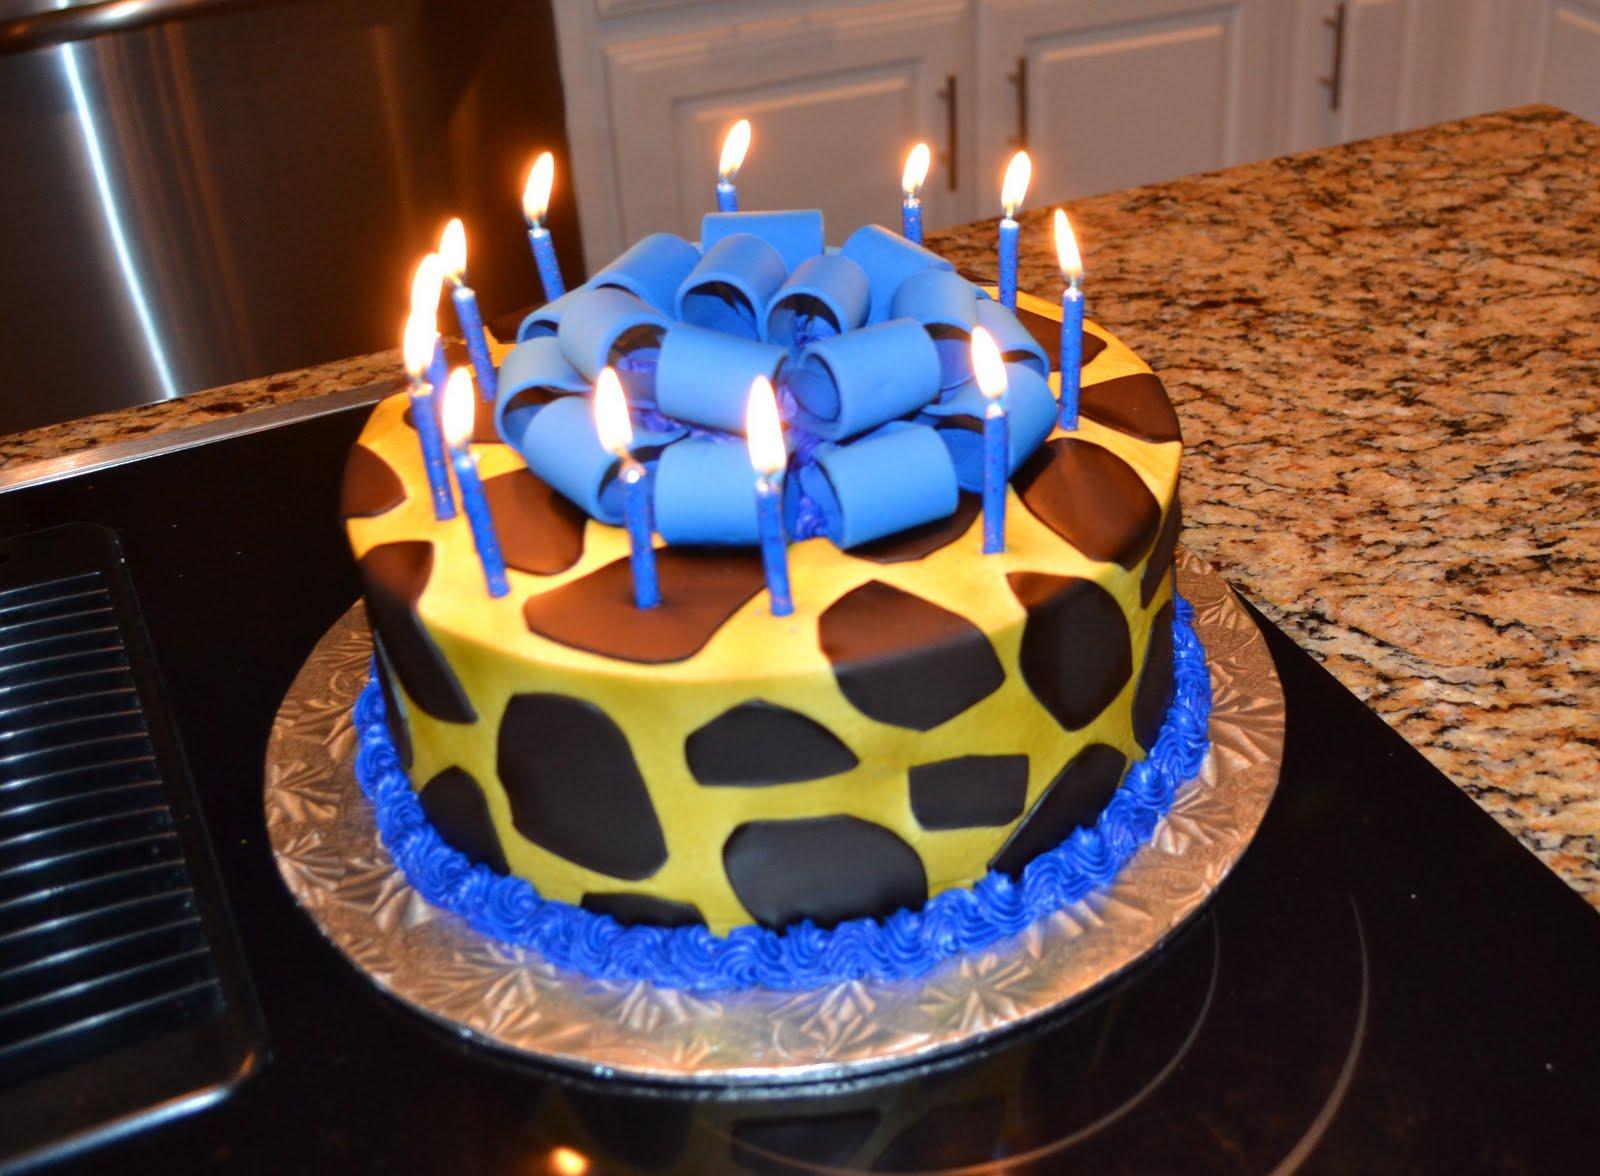 http://2.bp.blogspot.com/-76_JI3HV4iQ/Tjdt4AqBQmI/AAAAAAAAAZU/NOGH0AhnDXM/s1600/cake.jpg